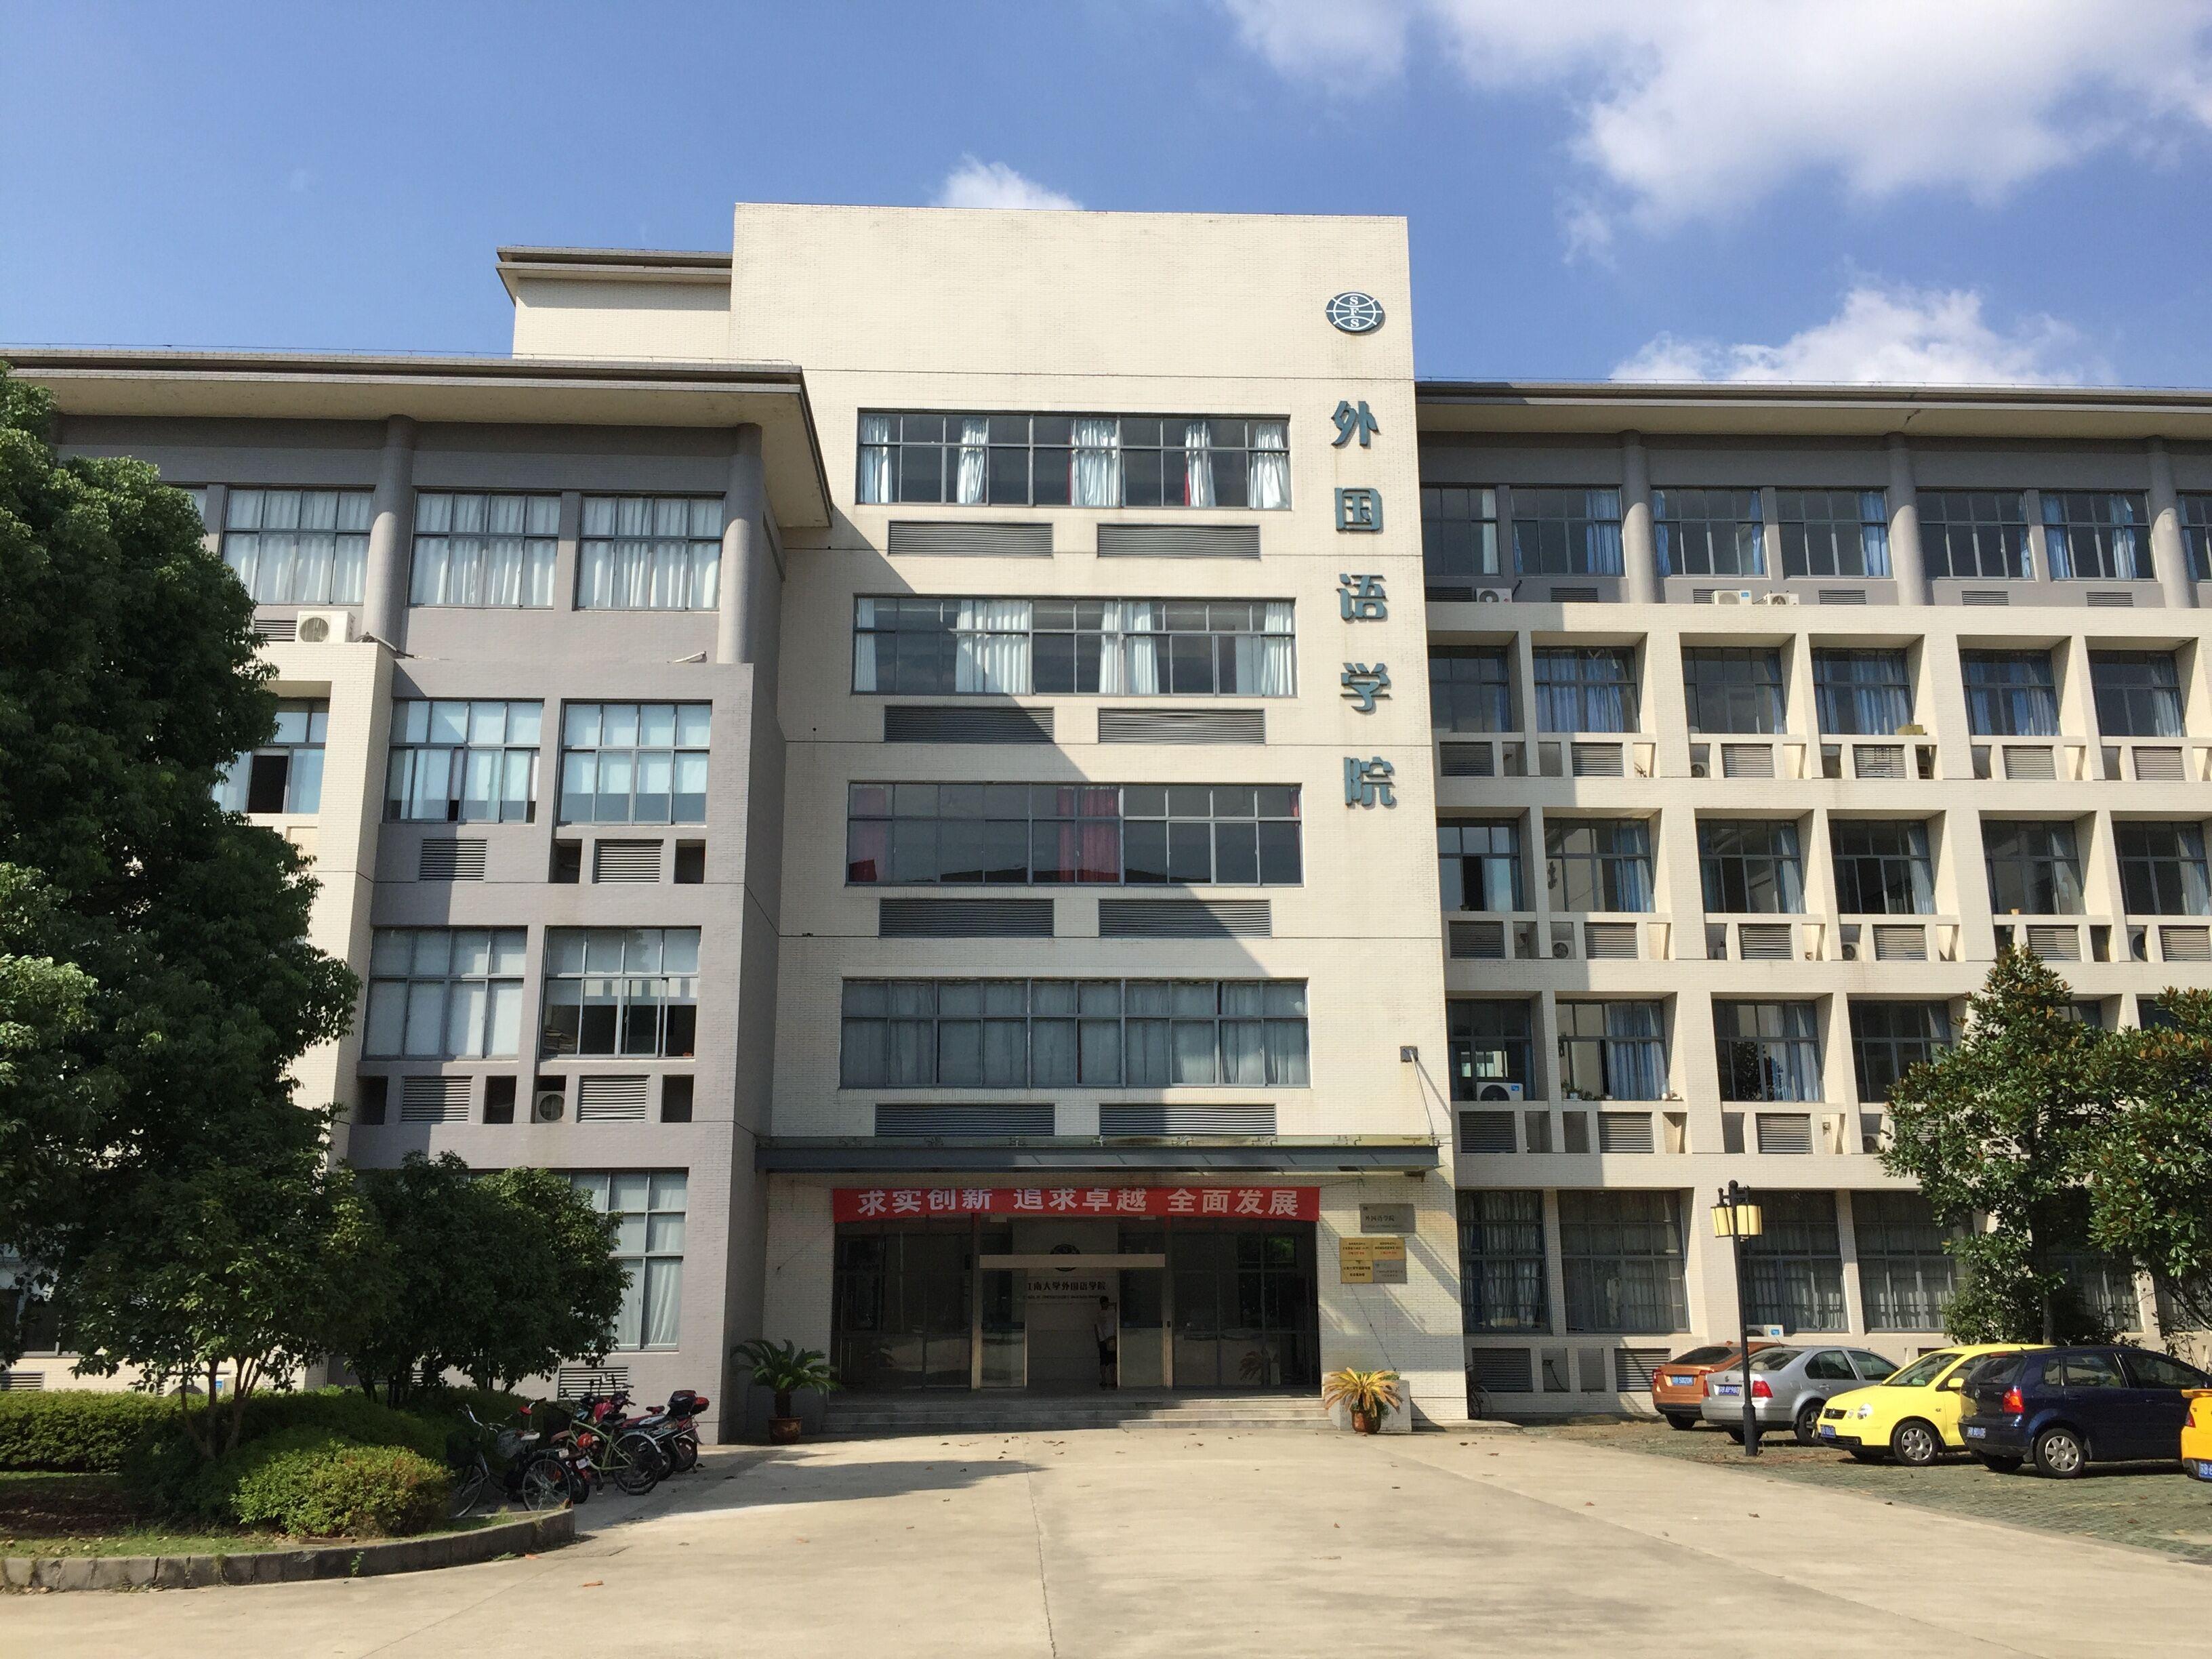 天津外国语大学研究生院_2022天津外国语大学考研分数线-跨考网